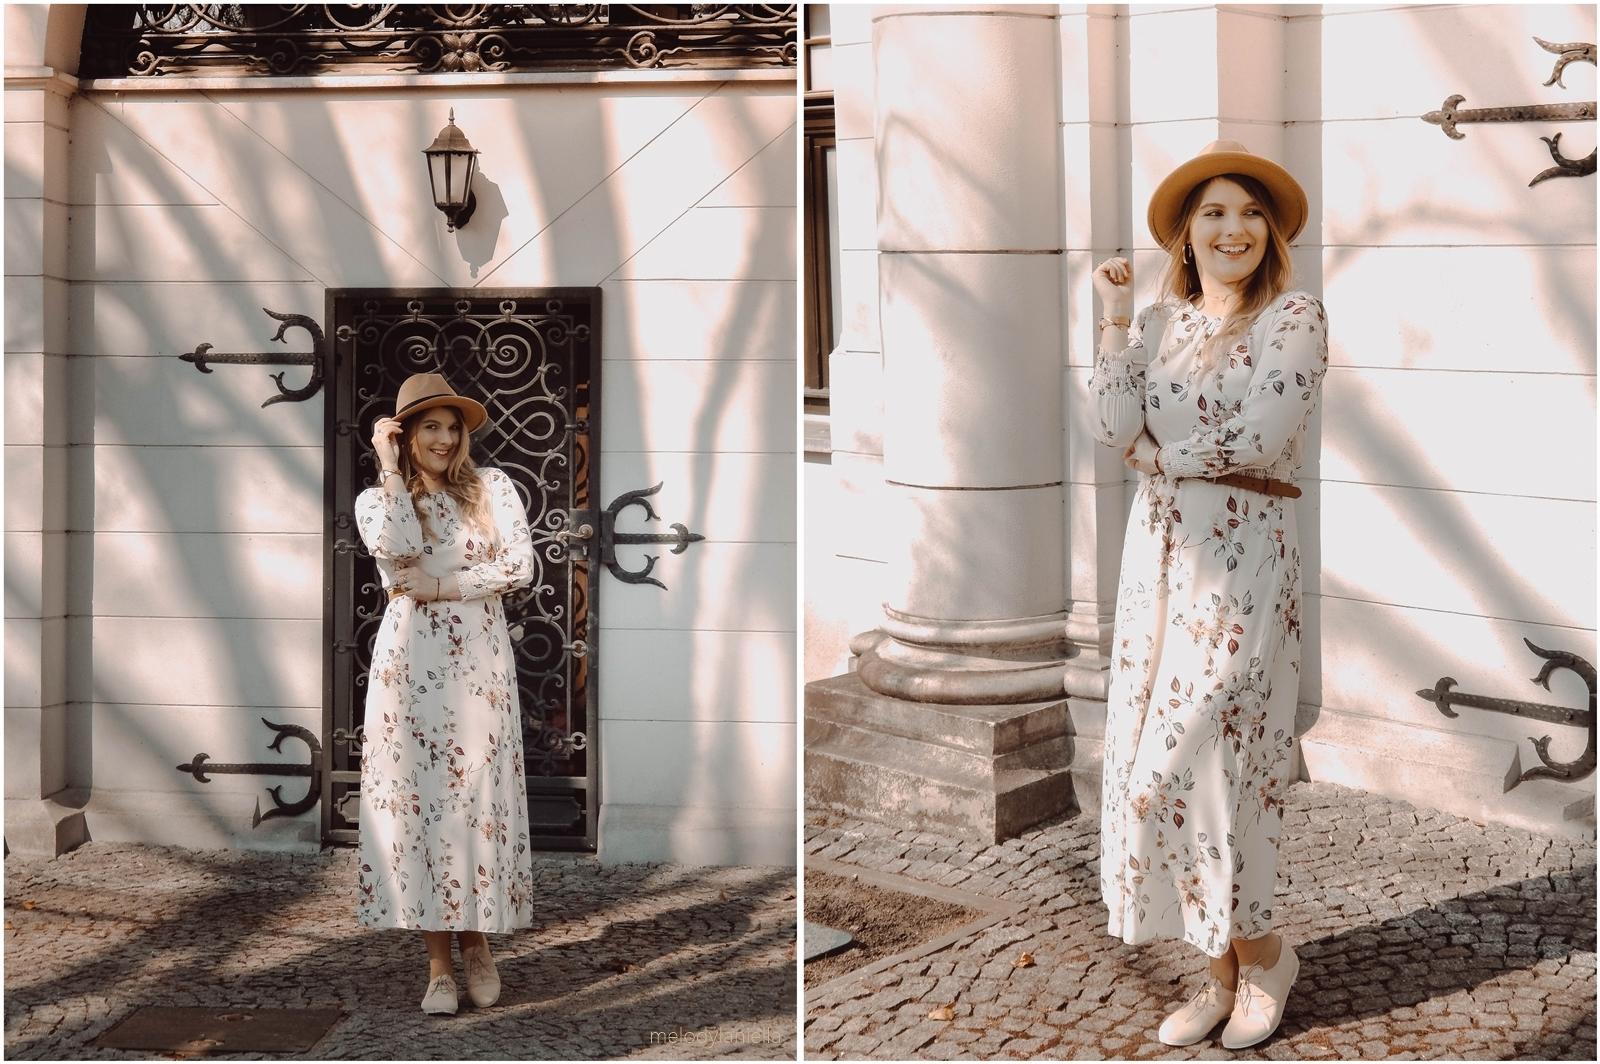 10b sukienka maxi w kwiaty answear dodatki cena jakosc promocje